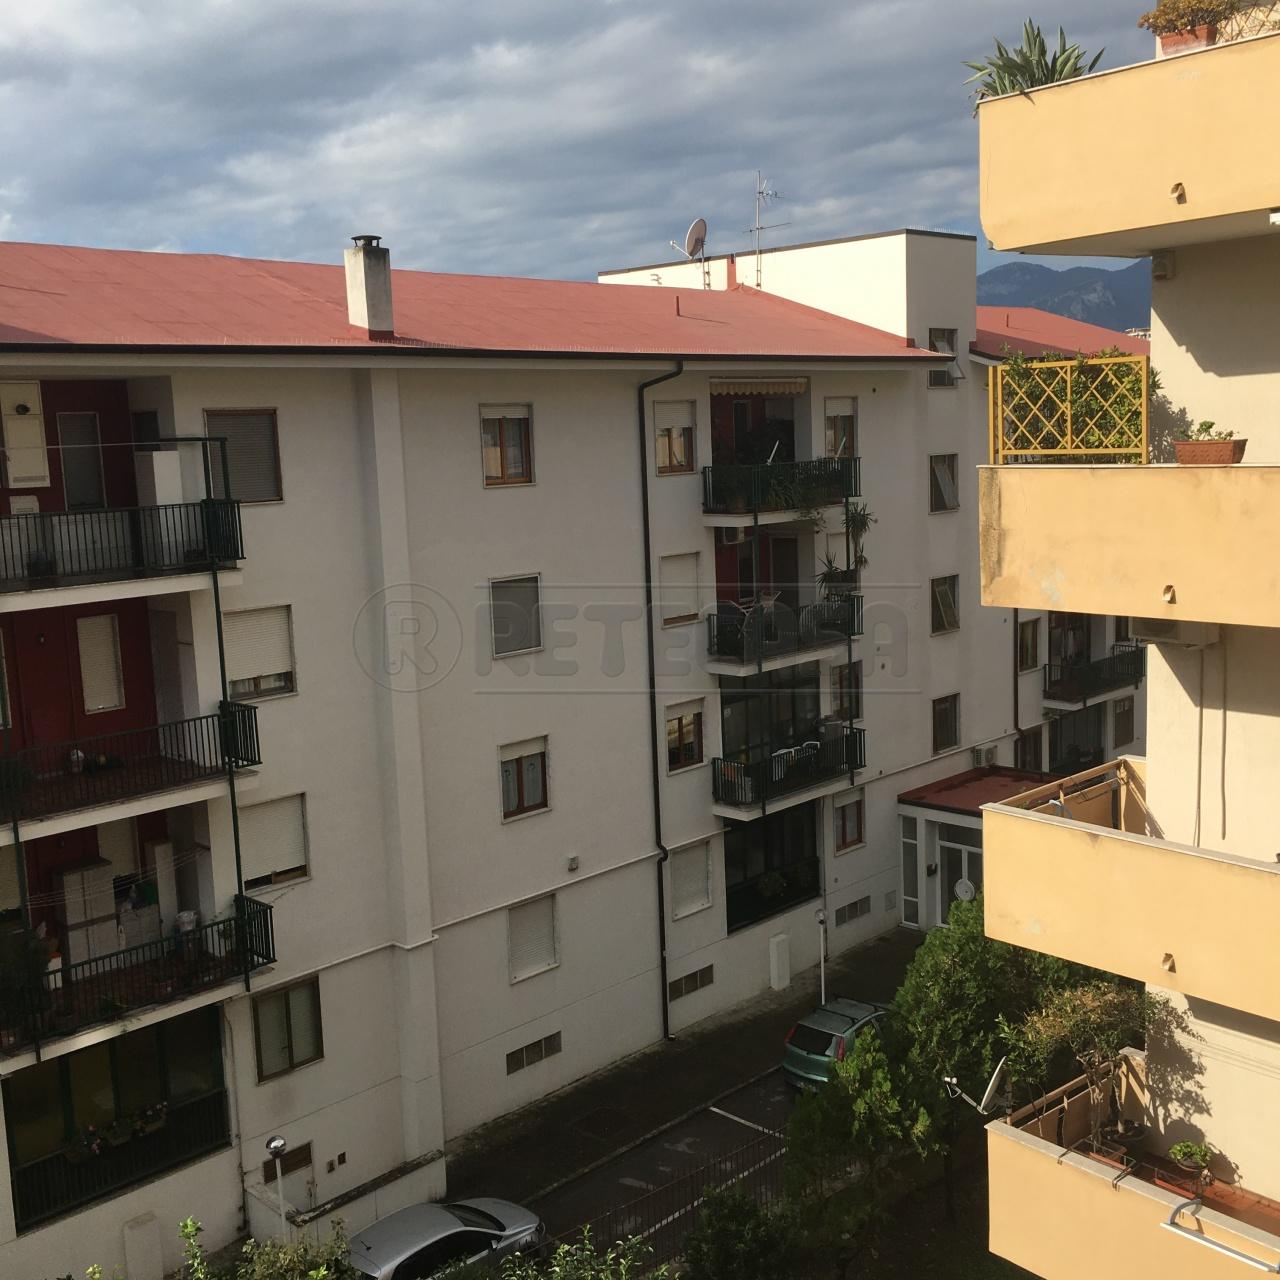 Cerco casa salerno sa appartamento in vendita a salerno for Case vendita salerno